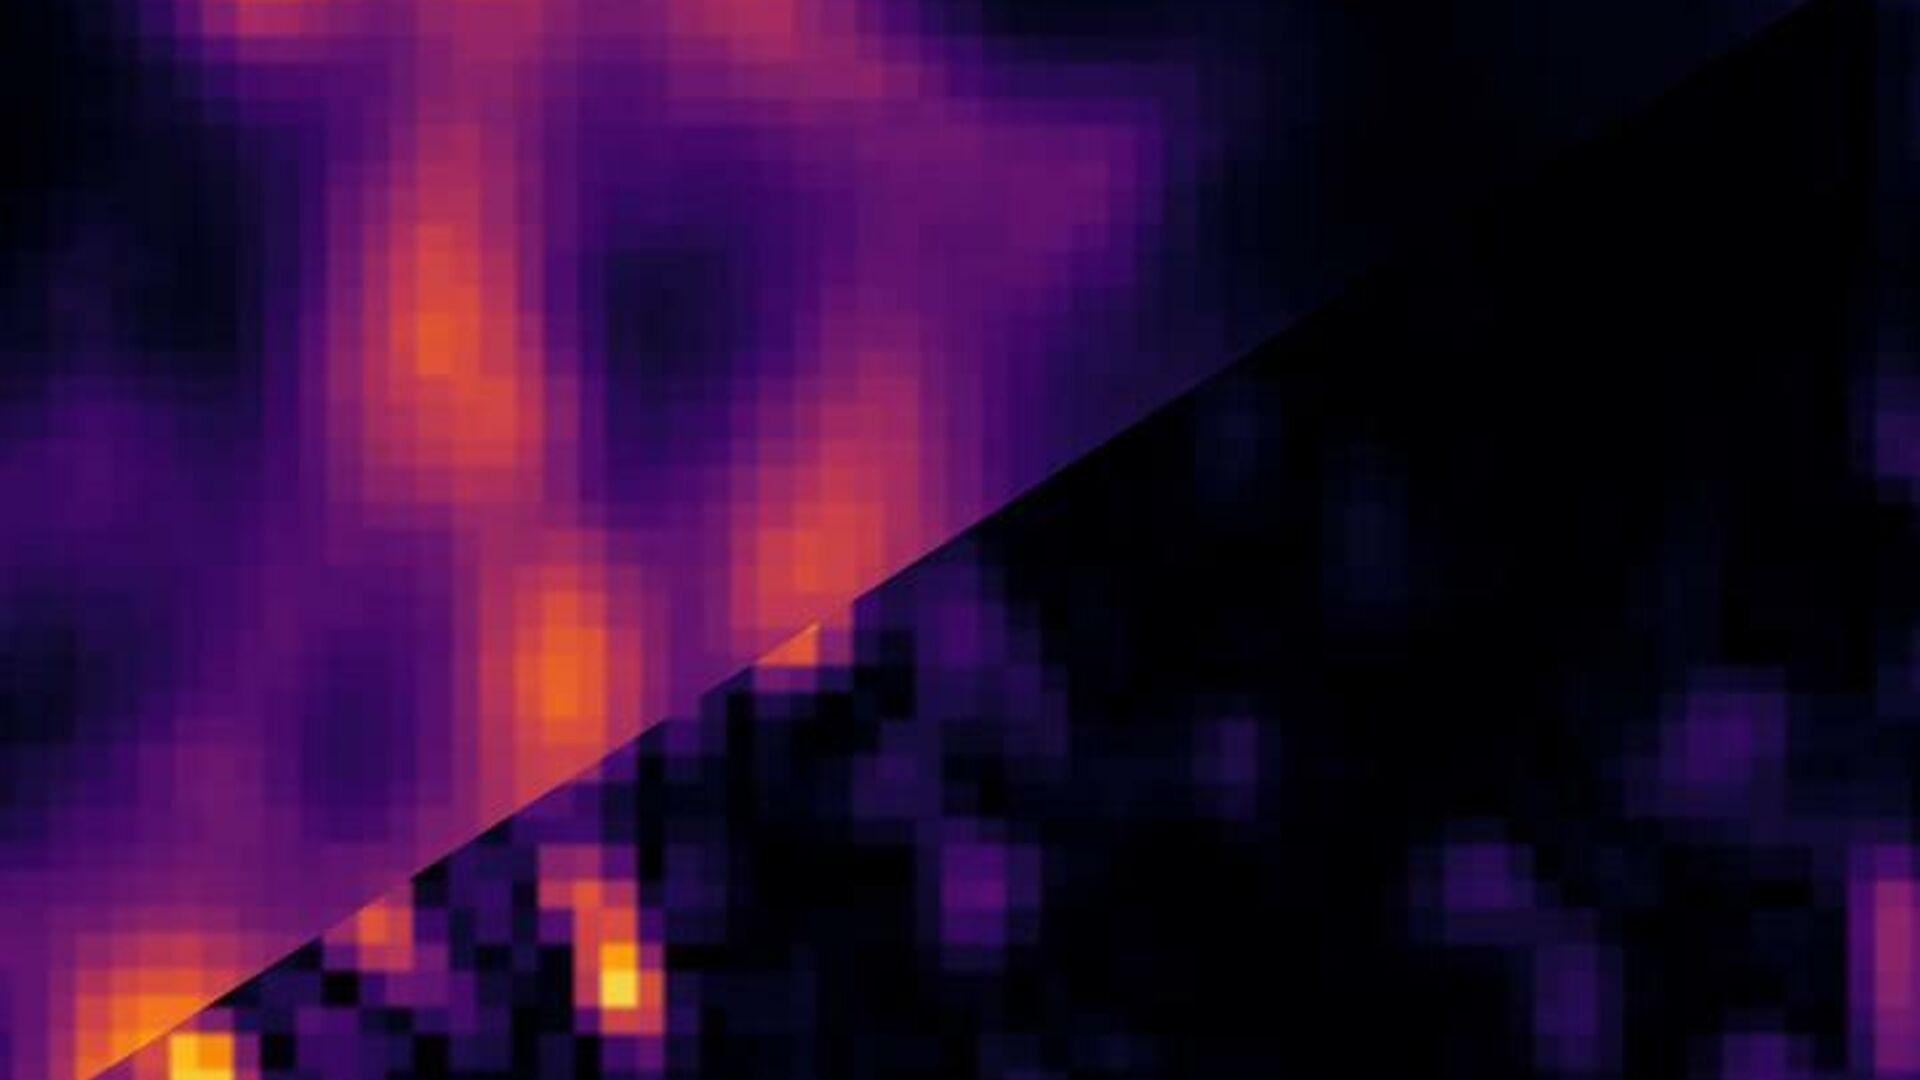 Изображение микротрубочек в образце клеток размером 3х3 микрометра, полученное методом ISM (вверху слева) и новым методом SOFISM (внизу справа) - РИА Новости, 1920, 20.10.2020